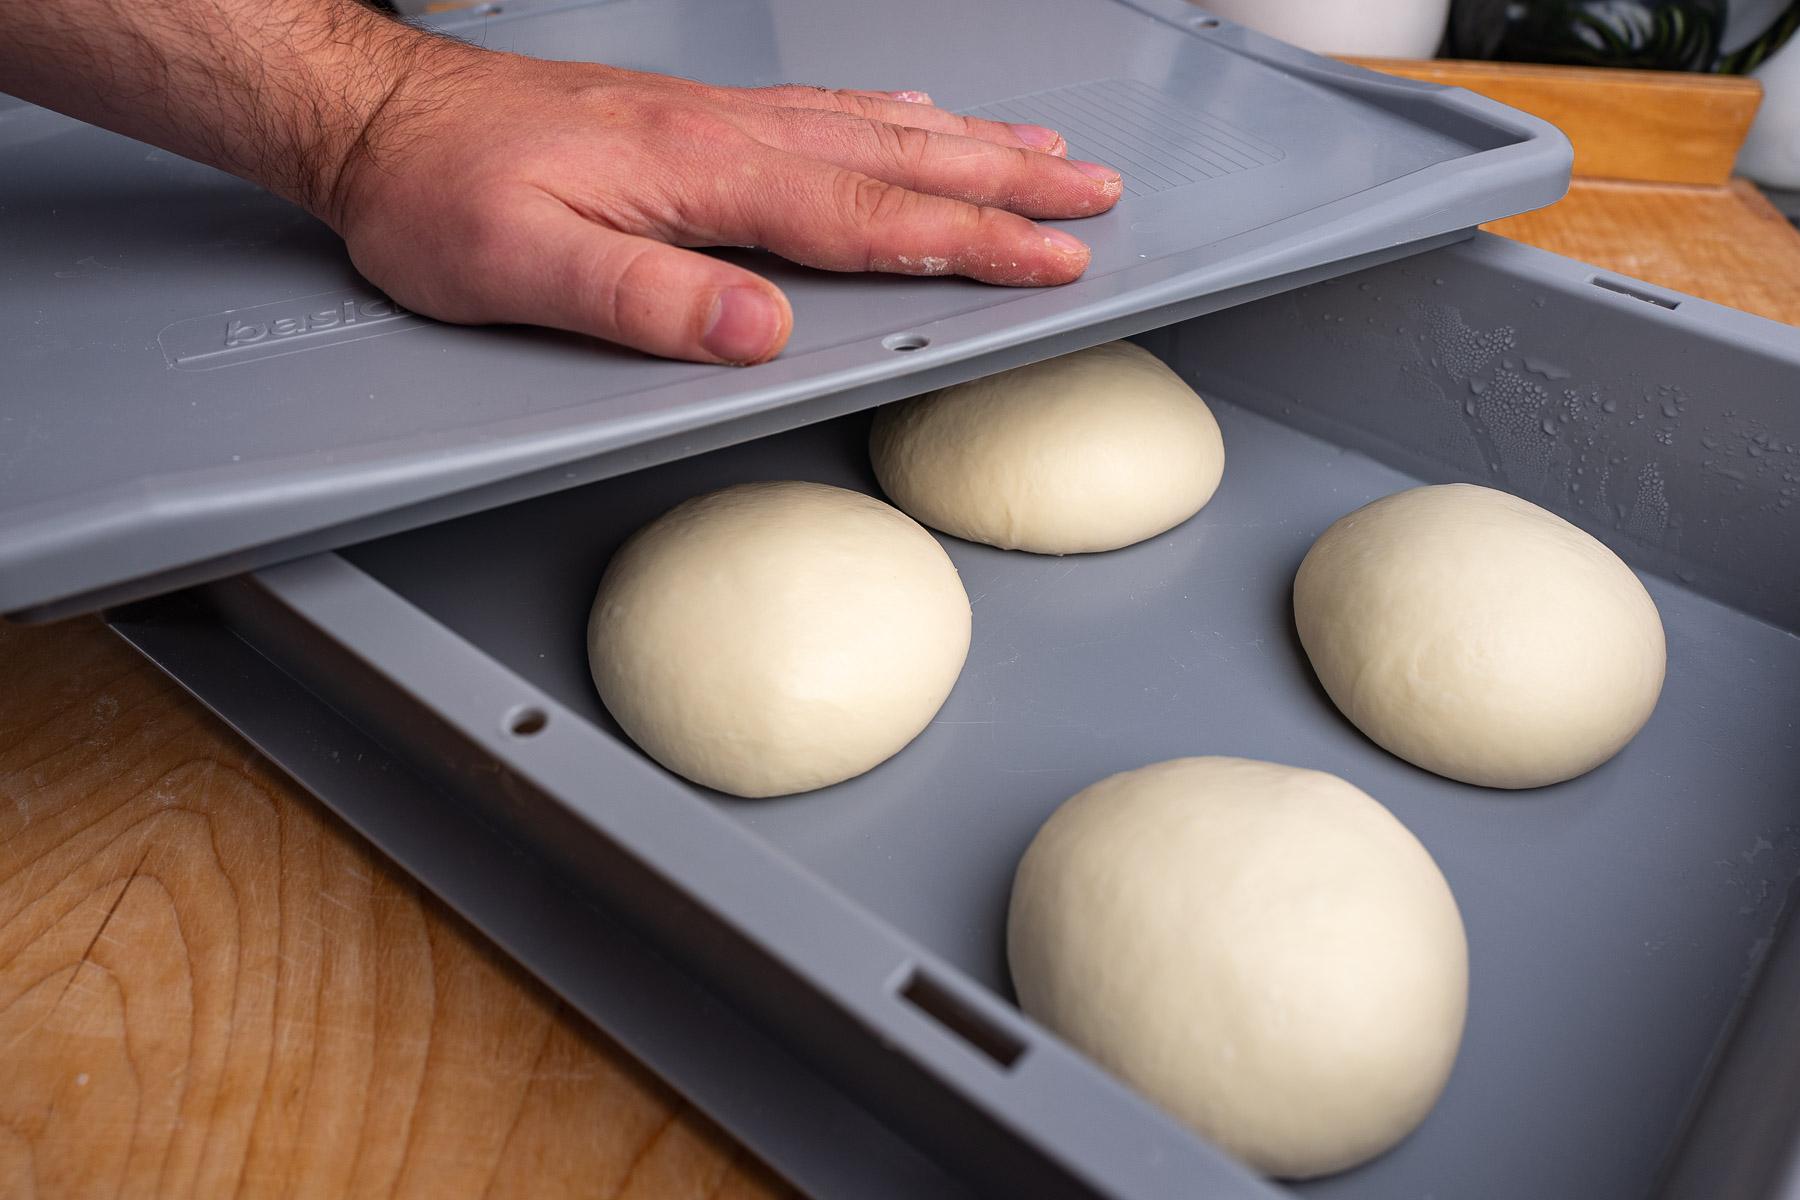 kulki ciasta umieszczamy w skrzyni, przykrywamy pokrywą i zostawiamy w temperaturze otoczenia na 7 godzin